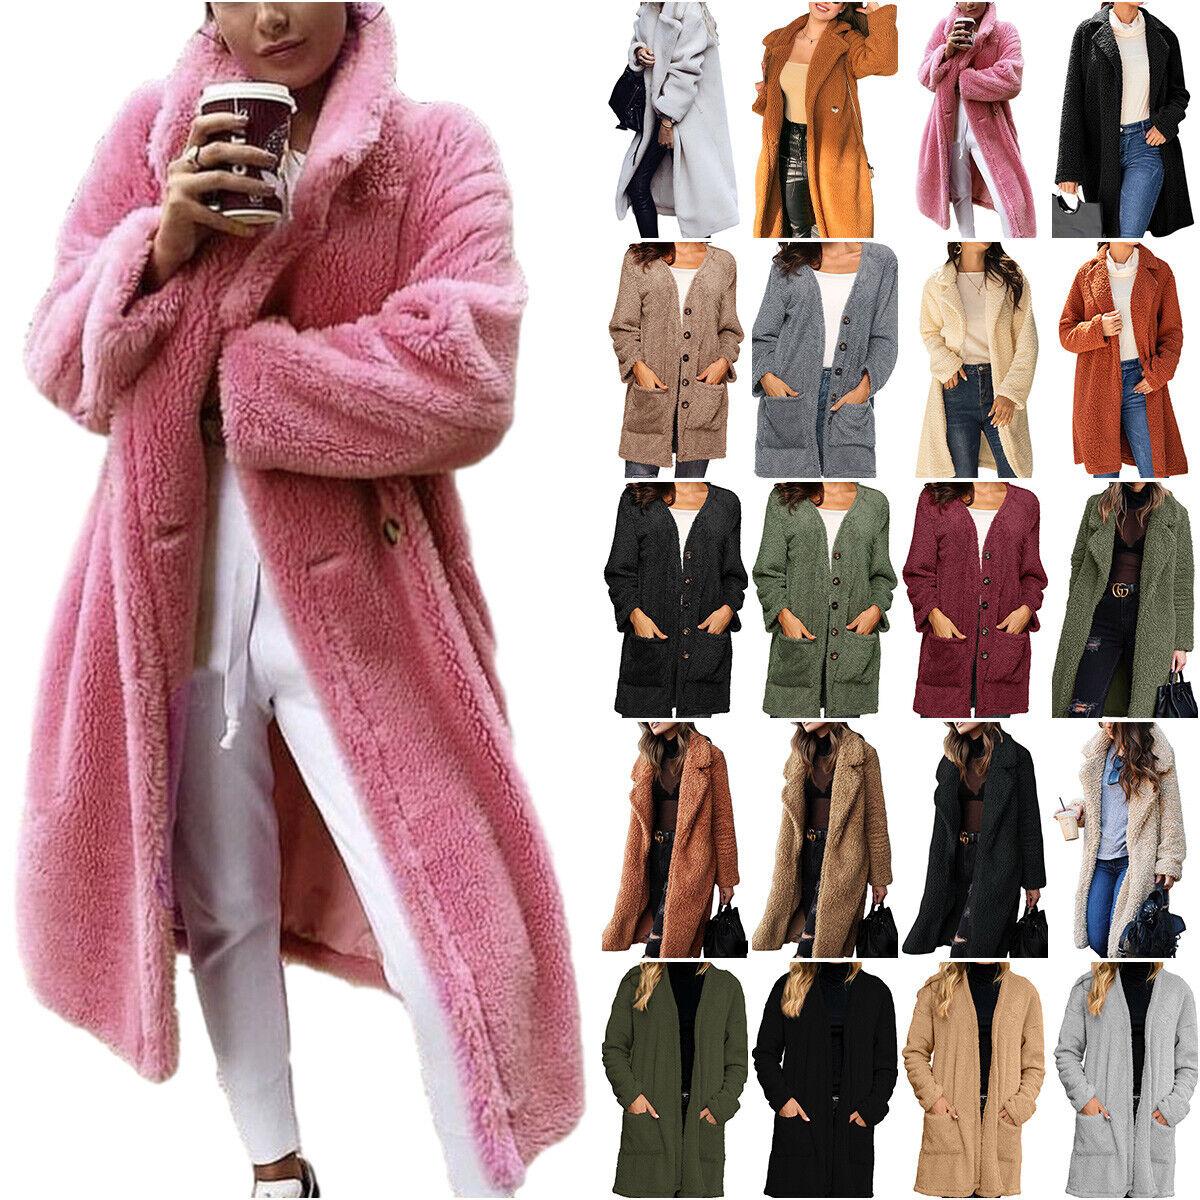 Women Teddy Bear Cardigan Long Jacket Coat Faux Fur Loose Casual Warmer Outwear